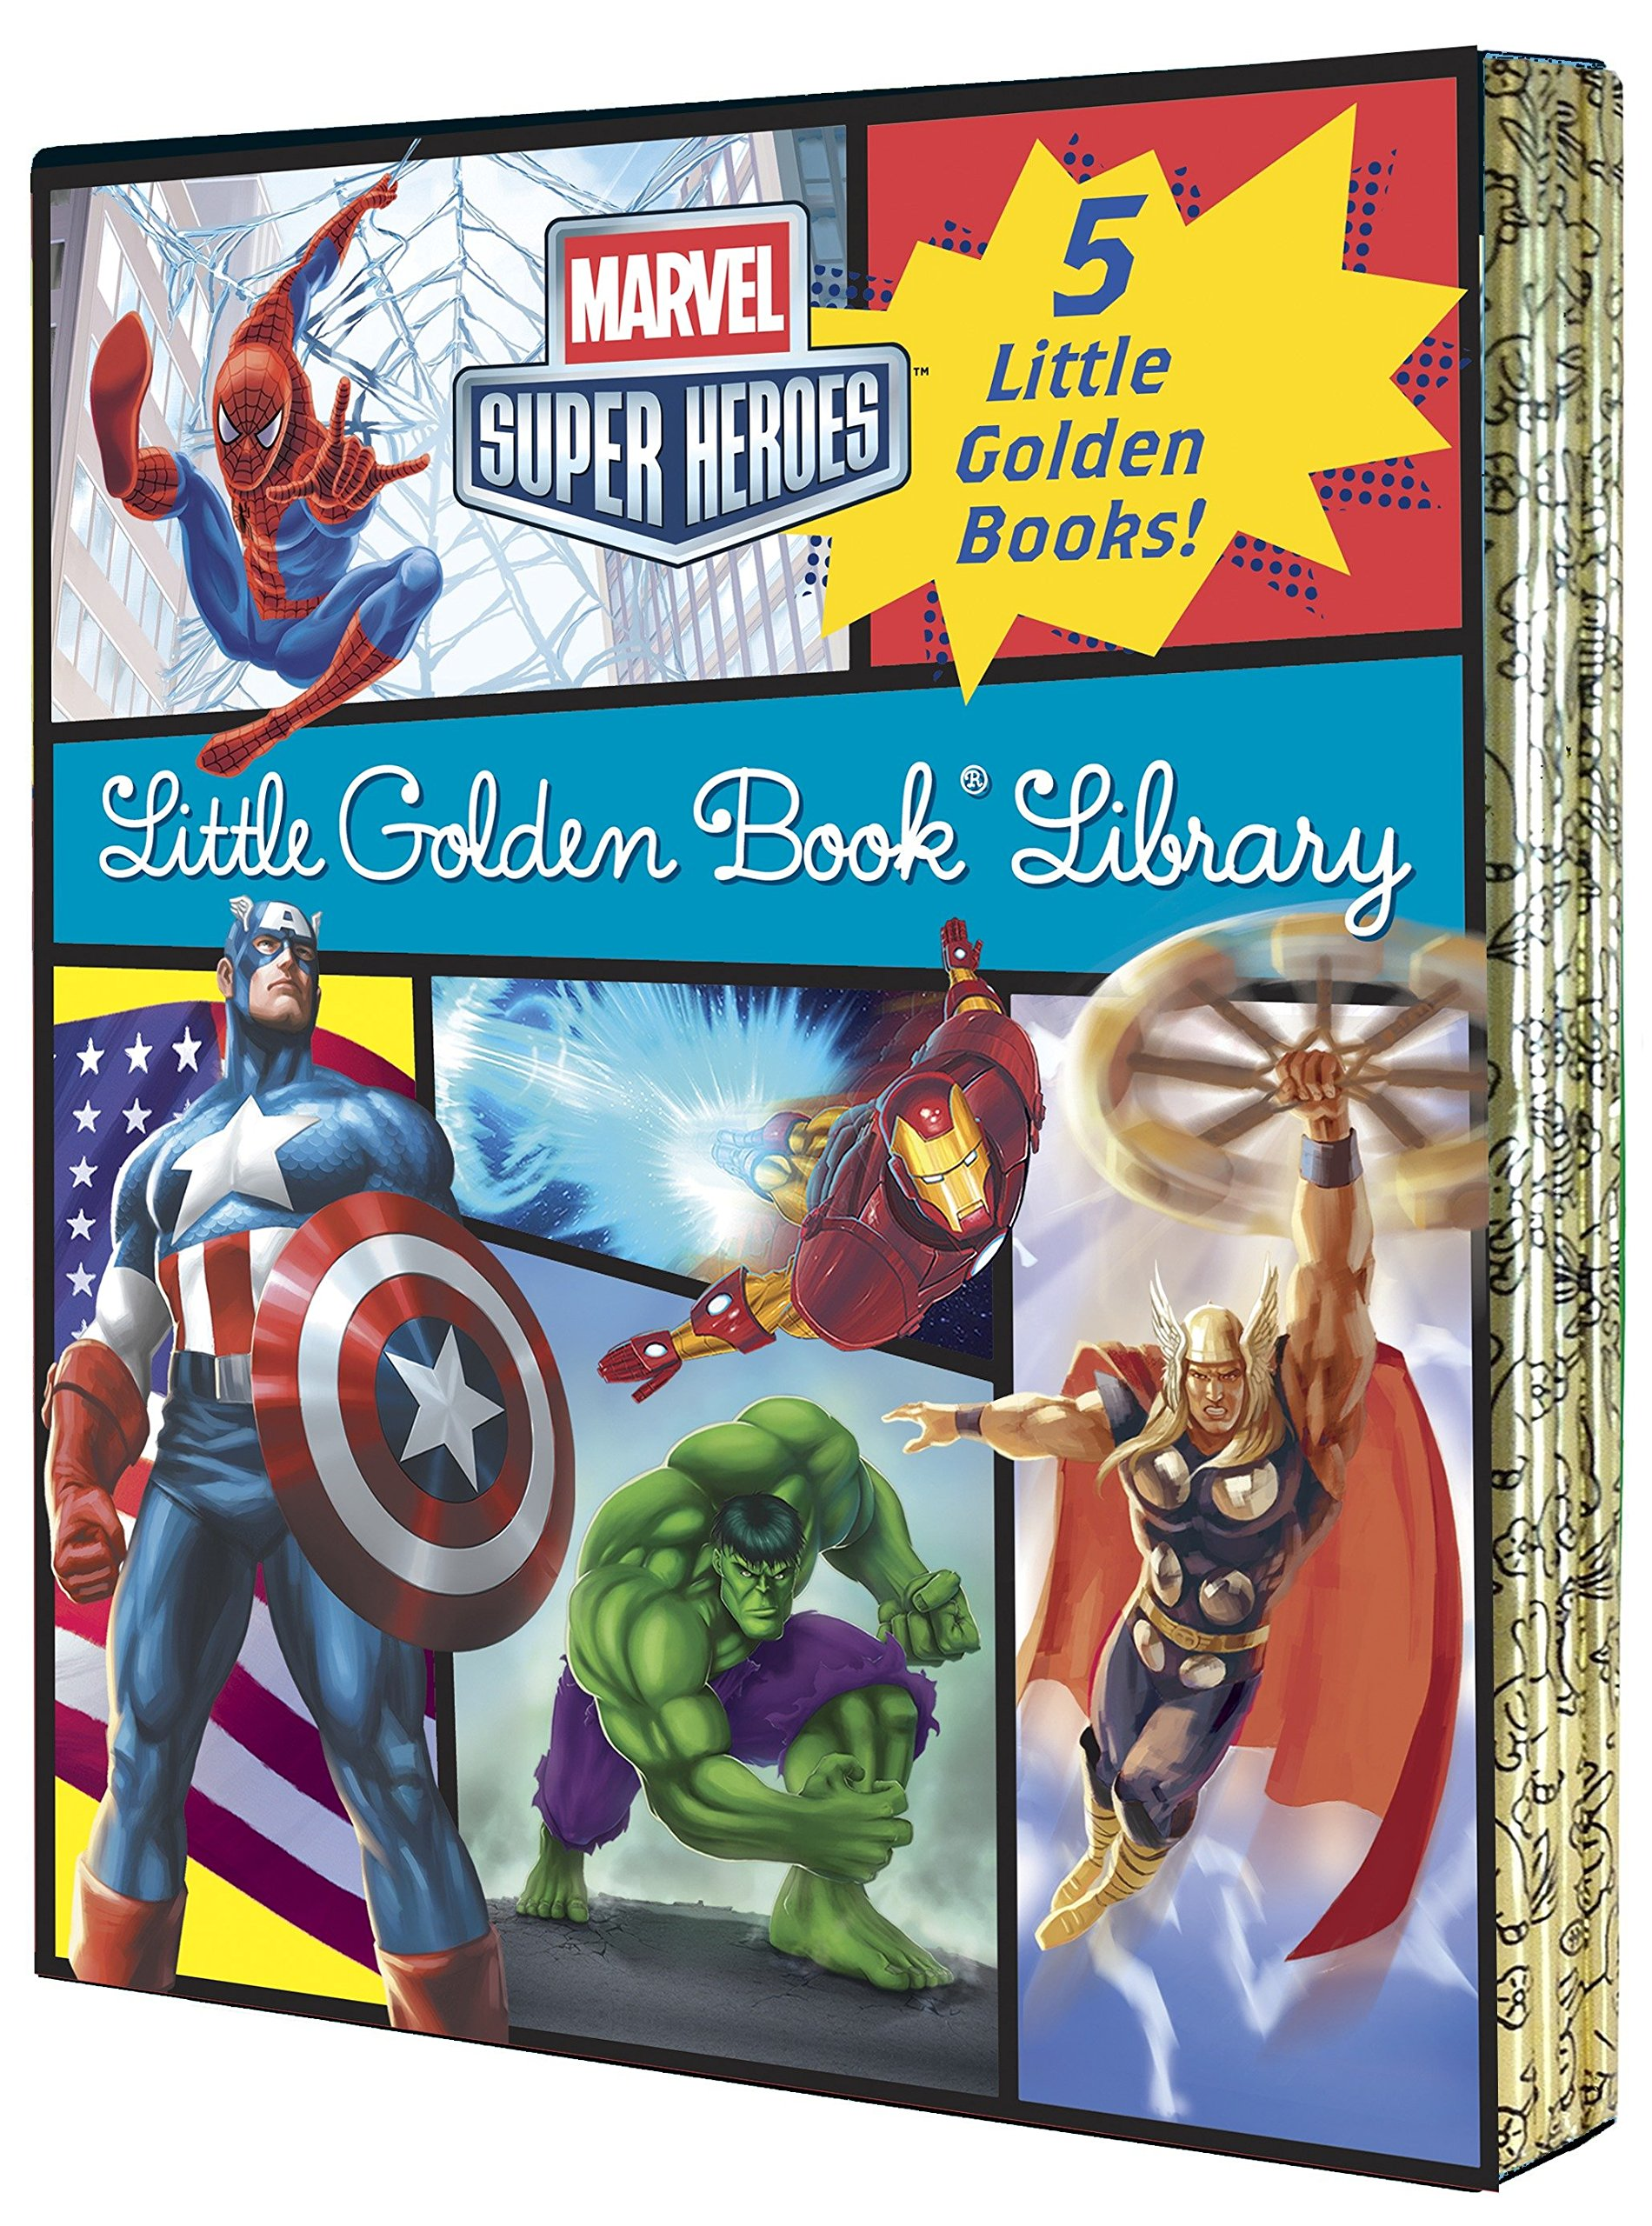 Marvel Little Golden Book Library (Marvel Super Heroes) by GOLDEN (Image #1)